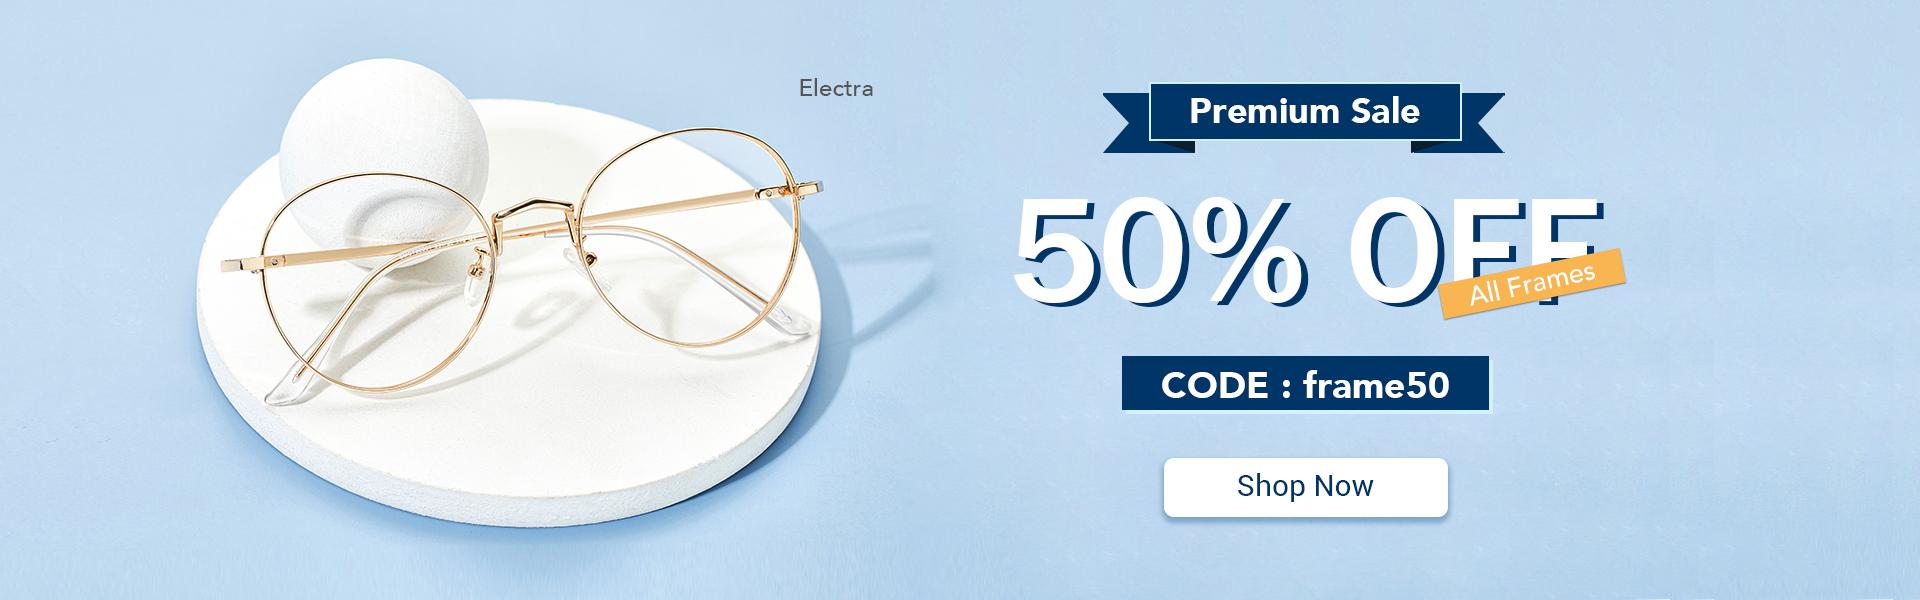 Premium-Sale